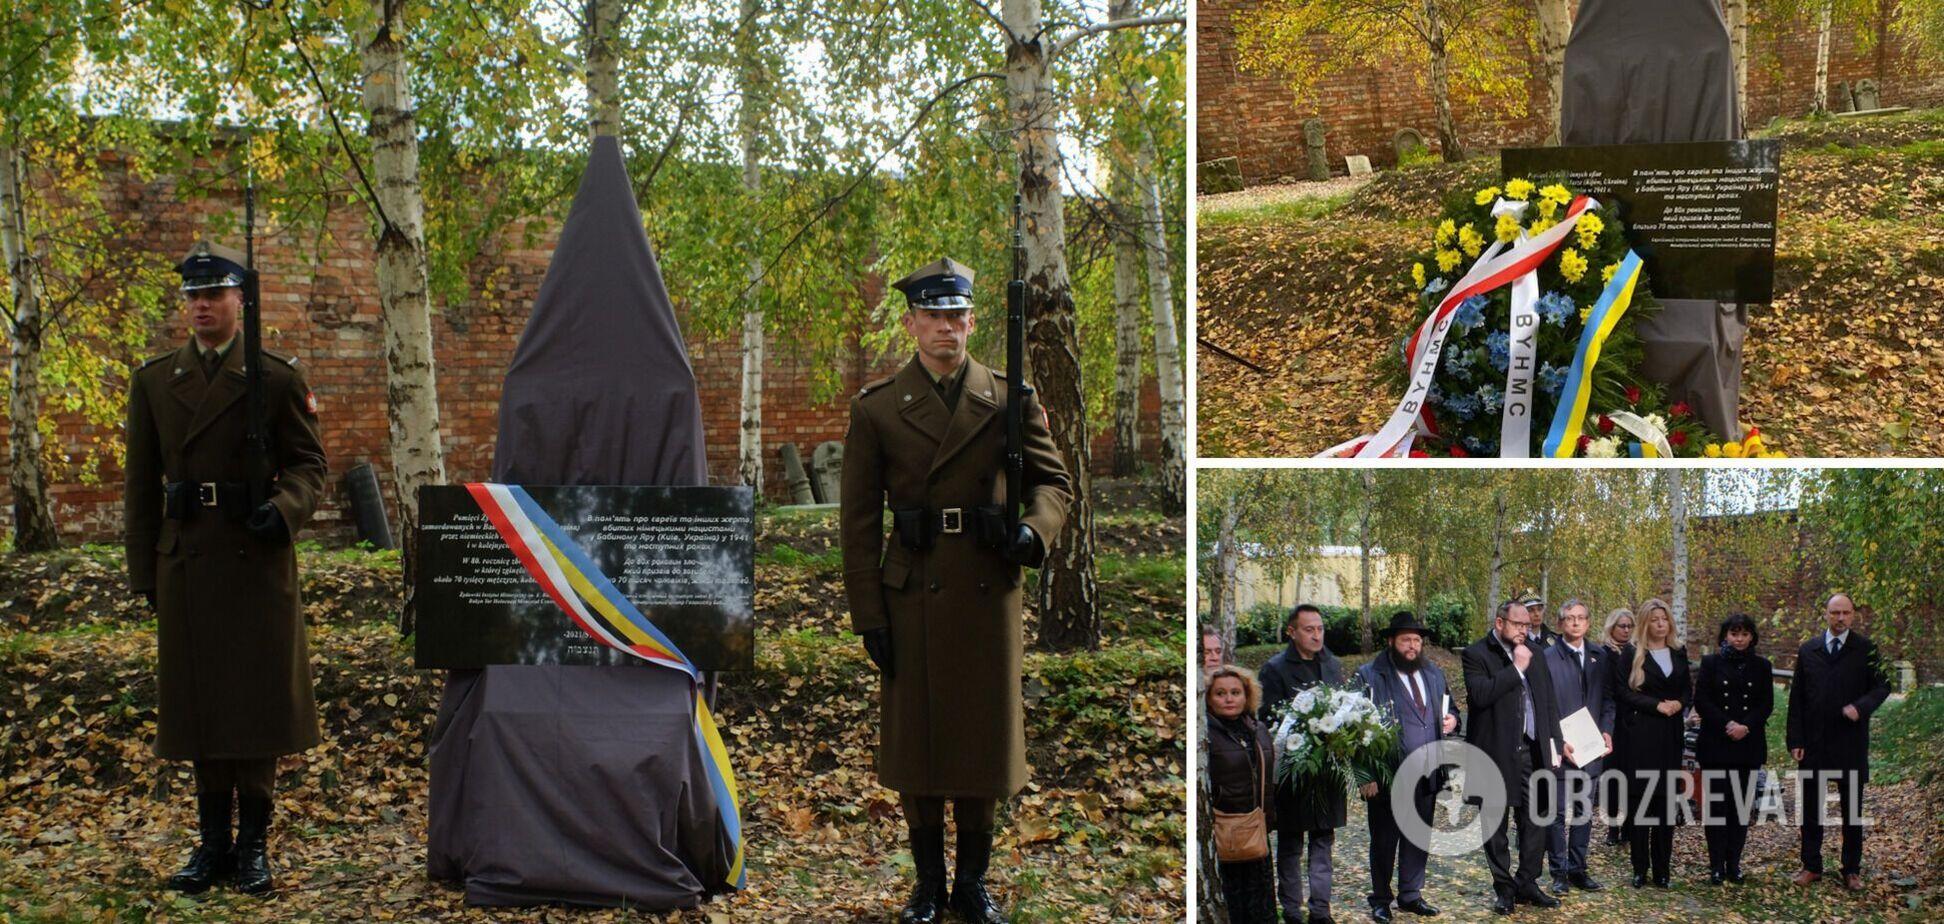 У Варшаві відбулась церемонія із закладання каменю пам'яті жертвам Бабиного Яру